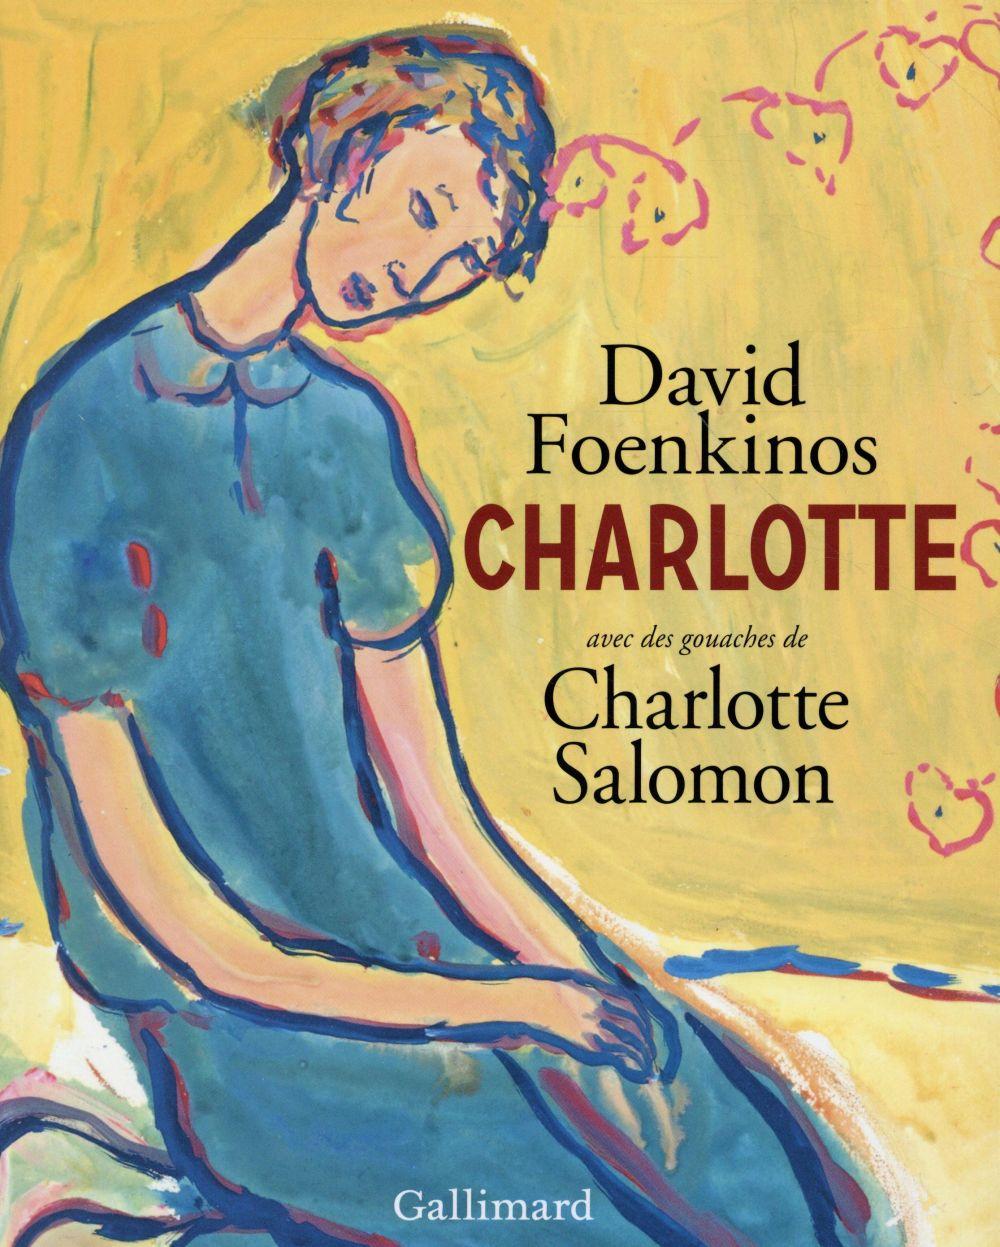 CHARLOTTE (EDITION ILLUSTREE)